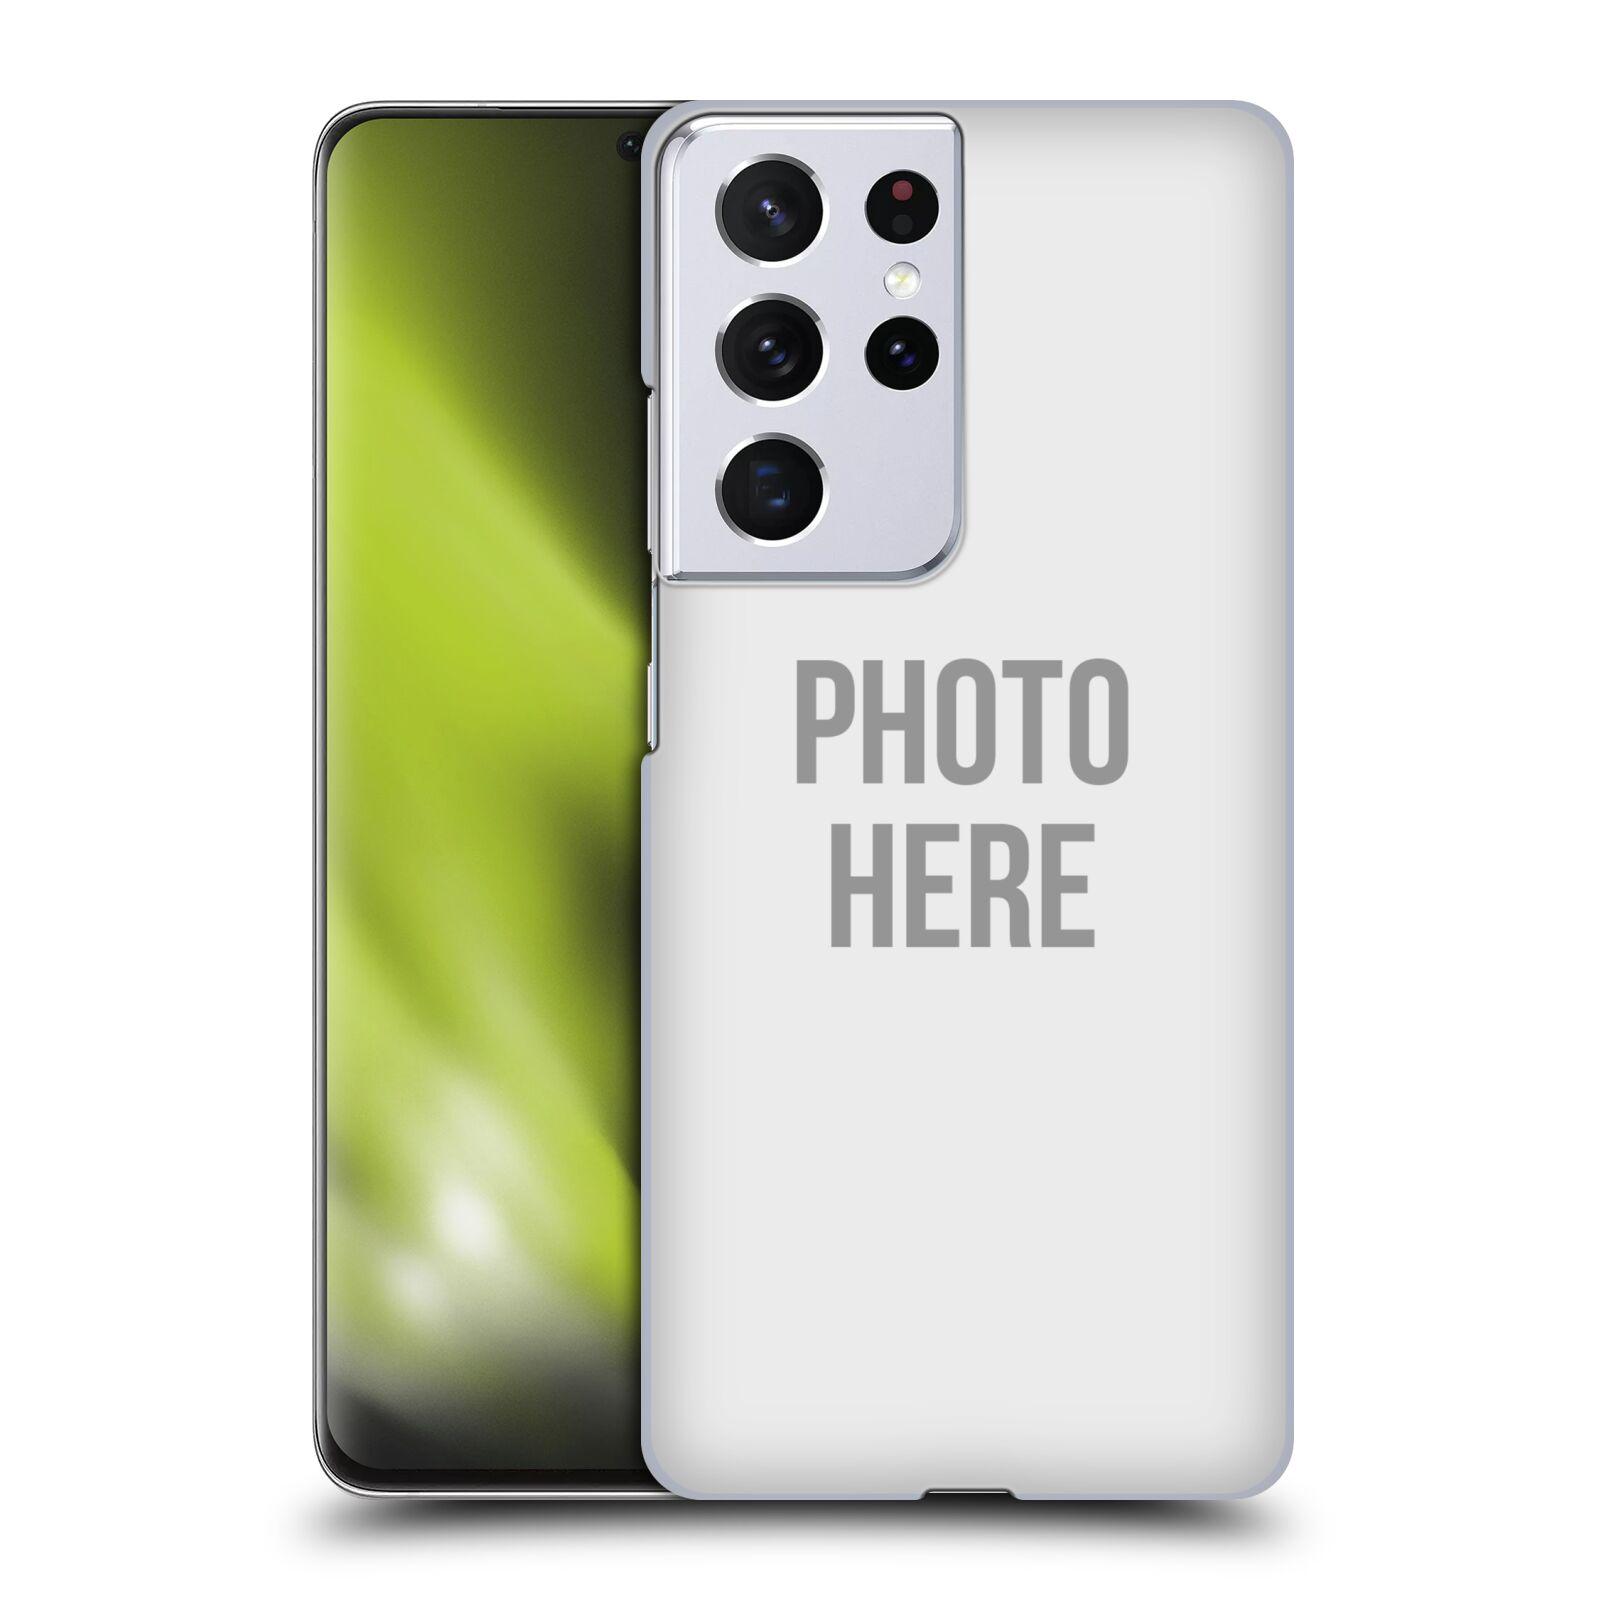 Plastové pouzdro na mobil Samsung Galaxy S21 Ultra 5G s vlastním motivem